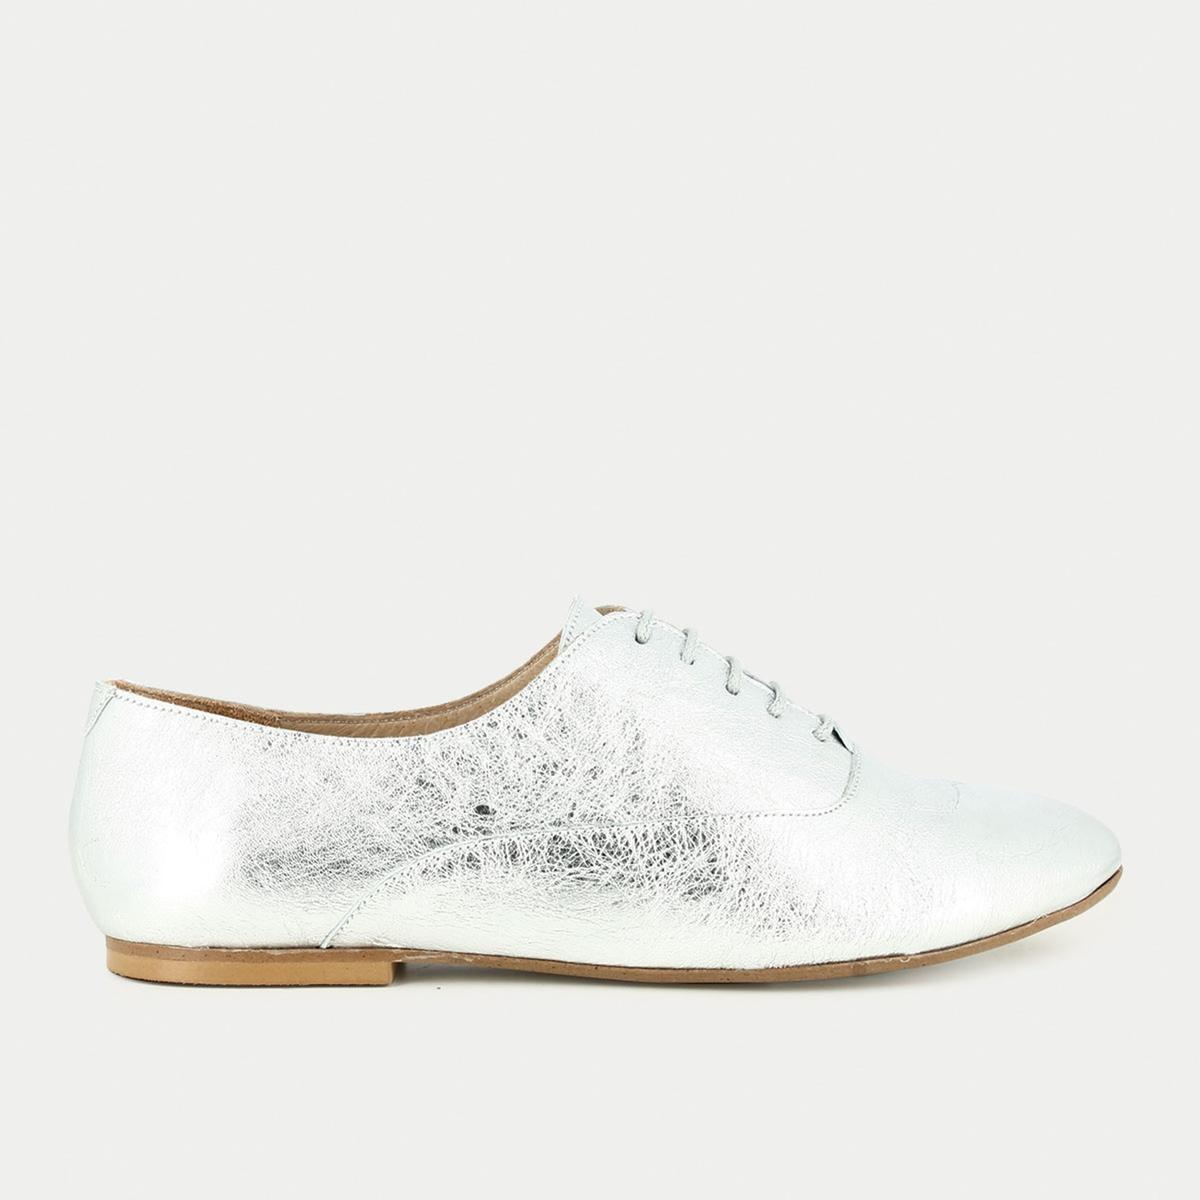 Ботинки-дерби из блестящей кожи на шнуровке цены онлайн